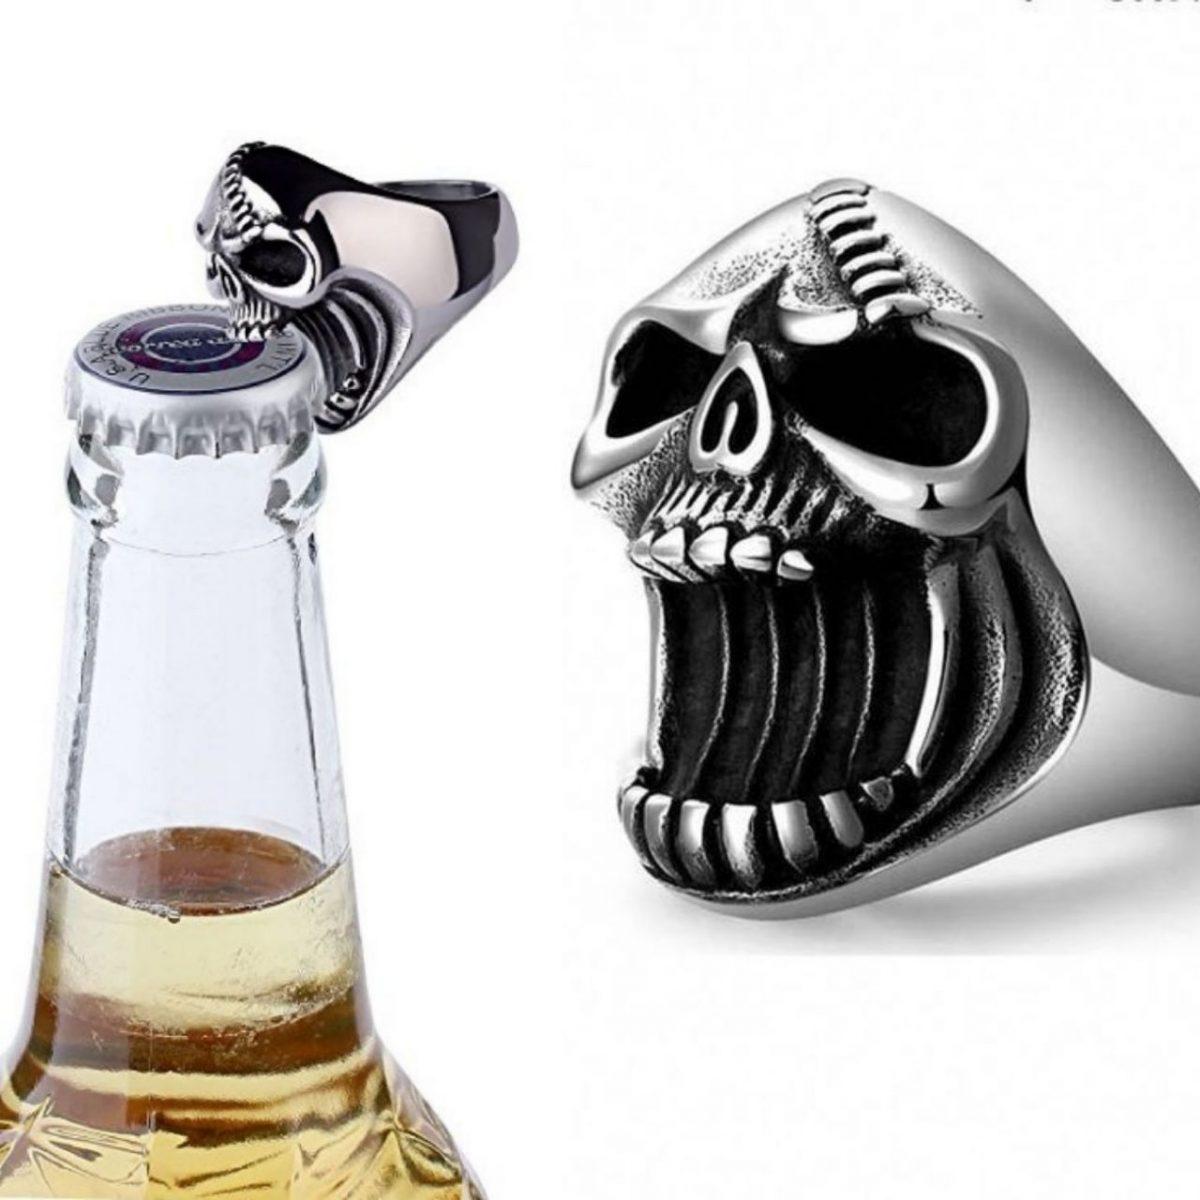 skull-ring-pasazhonline